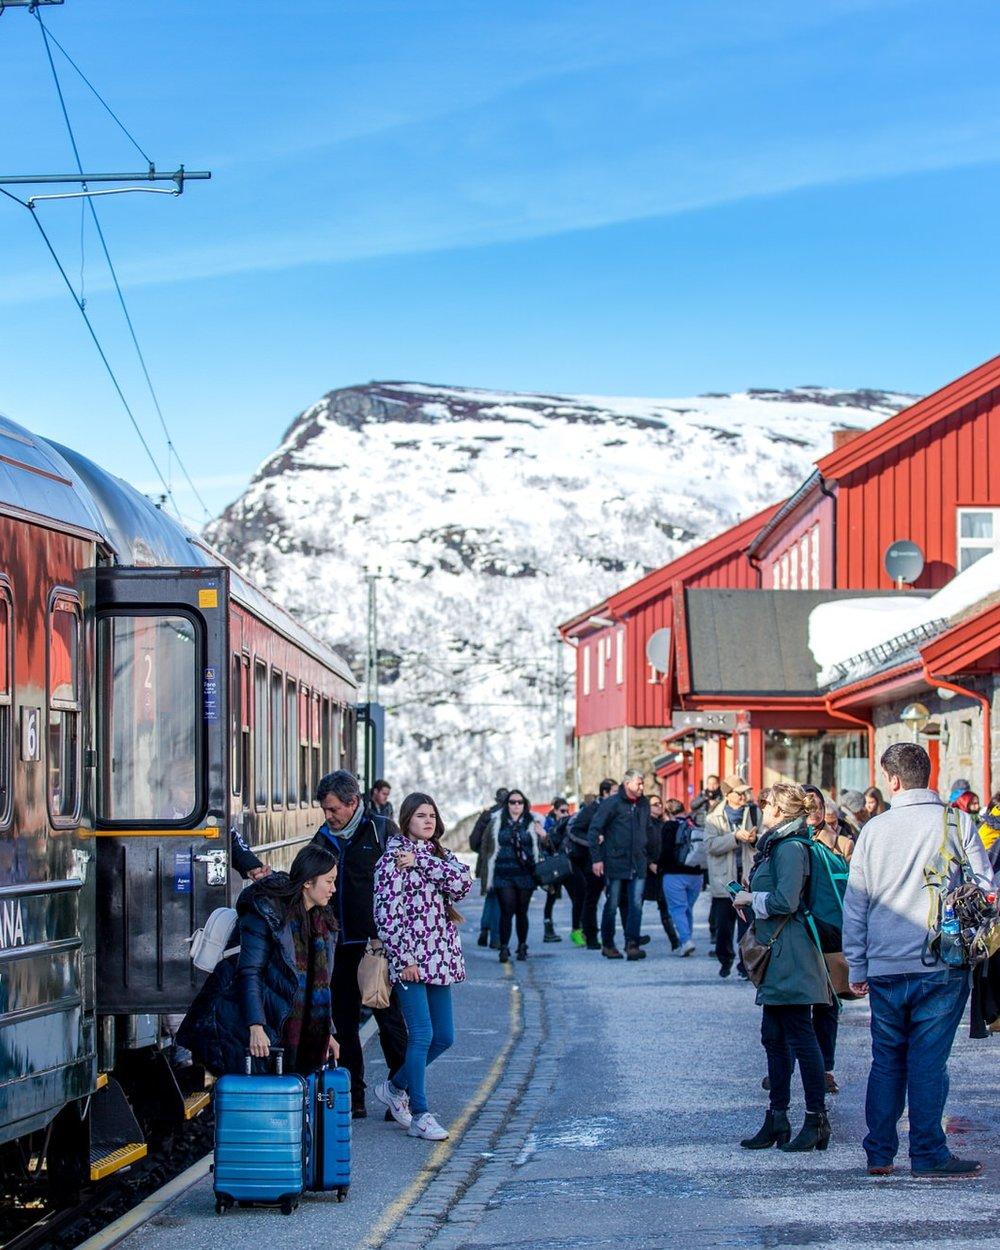 Foto: Paul Edmundson/Flåm AS